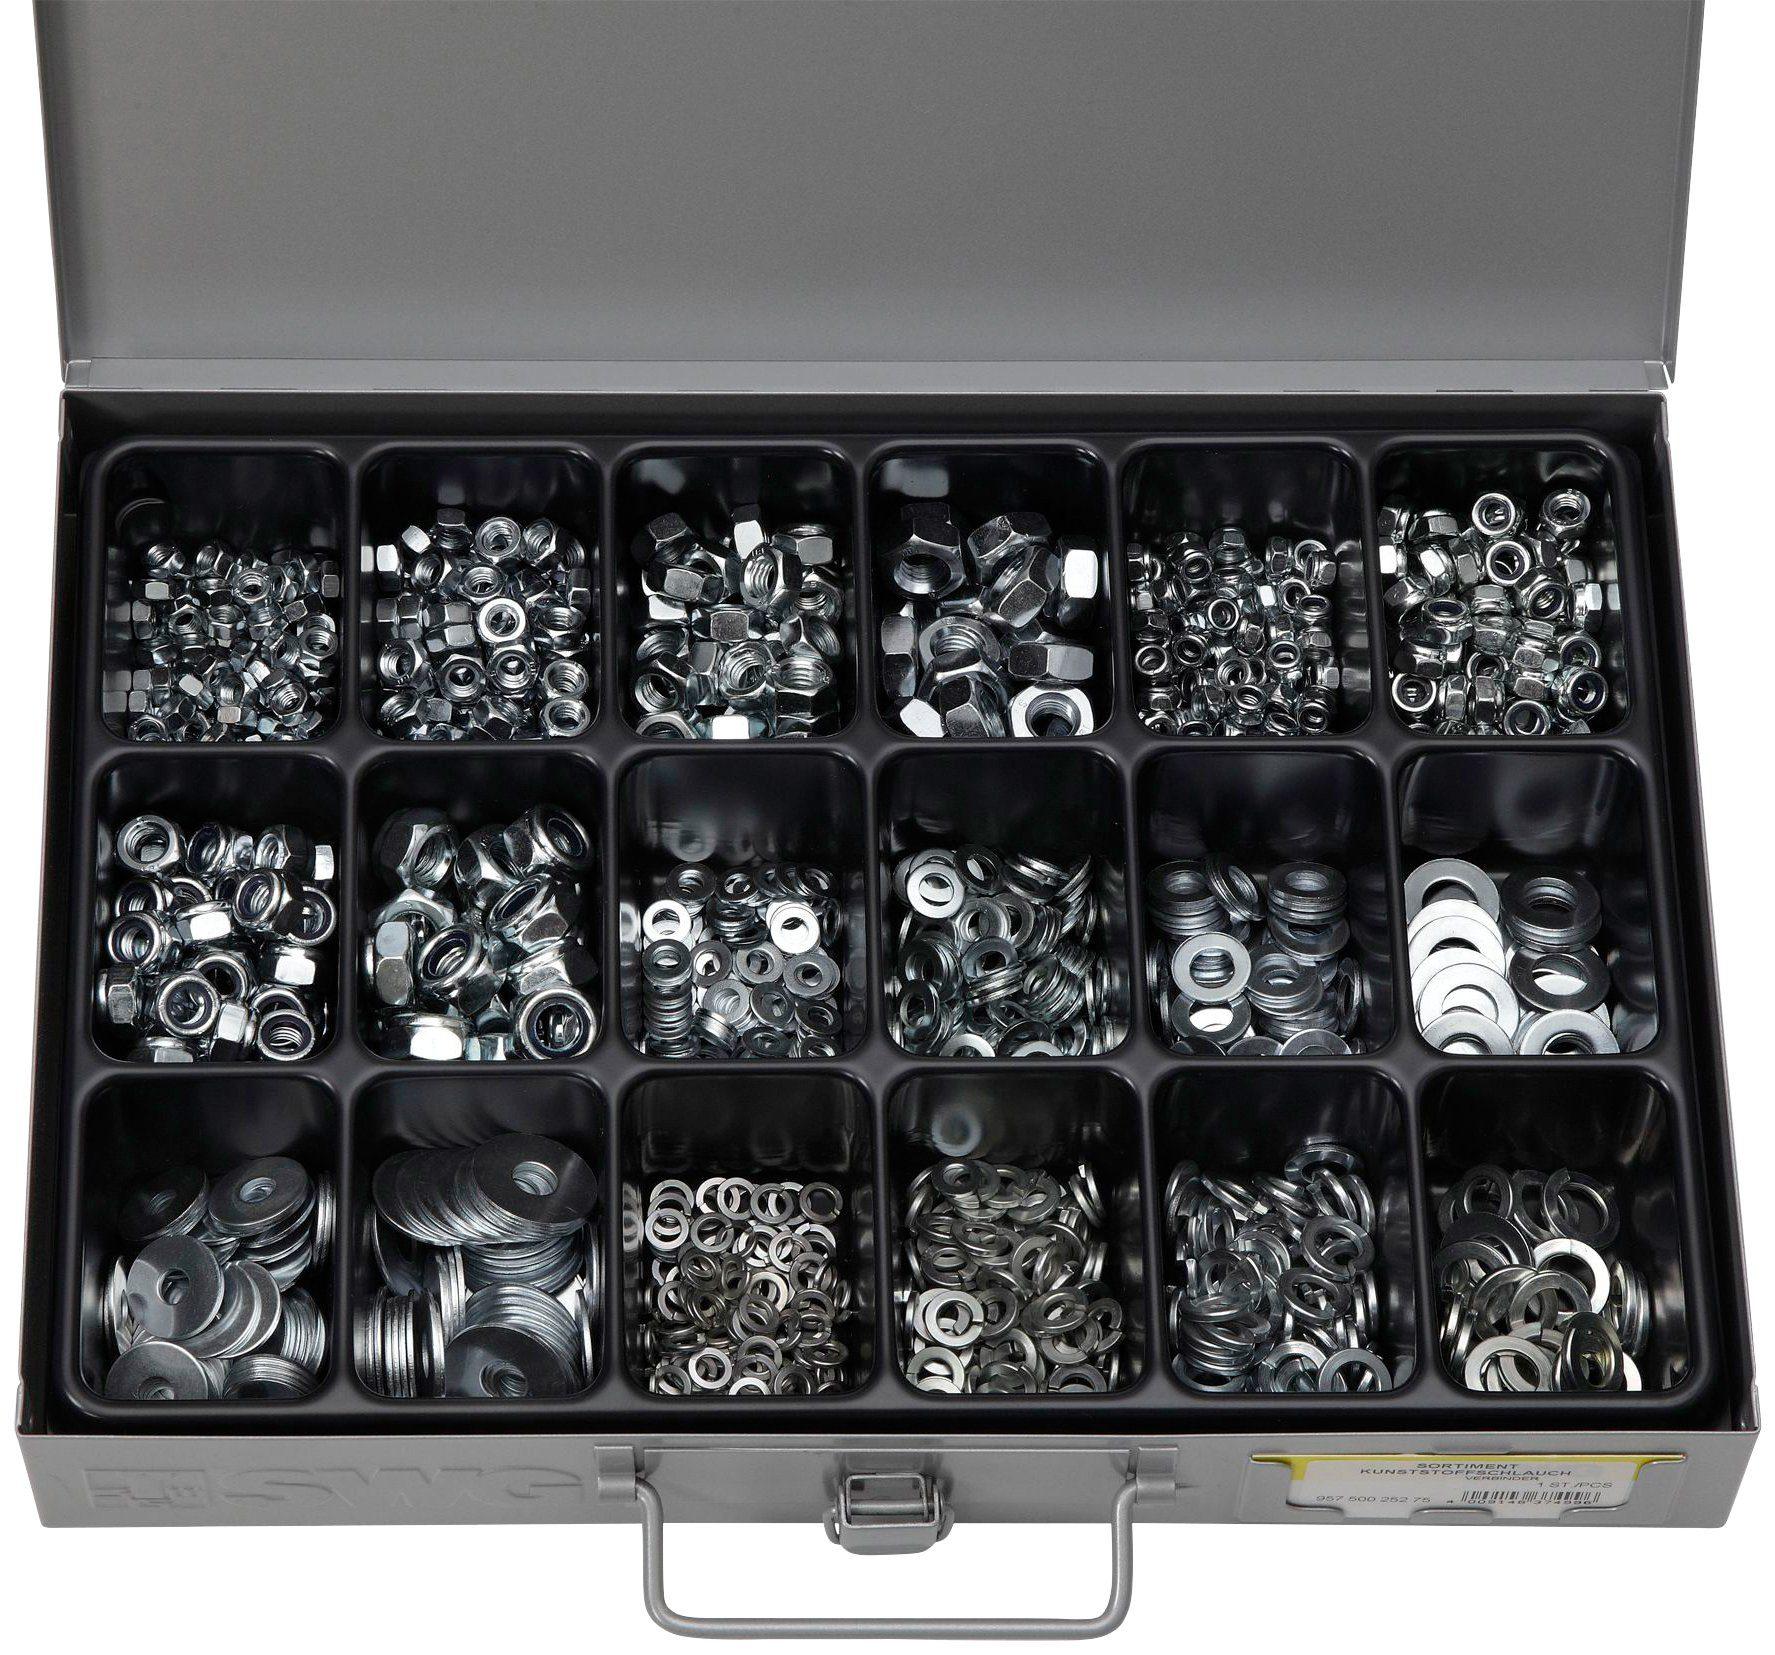 RAMSES Sortimentskasten , mit Muttern, Scheiben und Federringen M5-M10, 1200 Teile